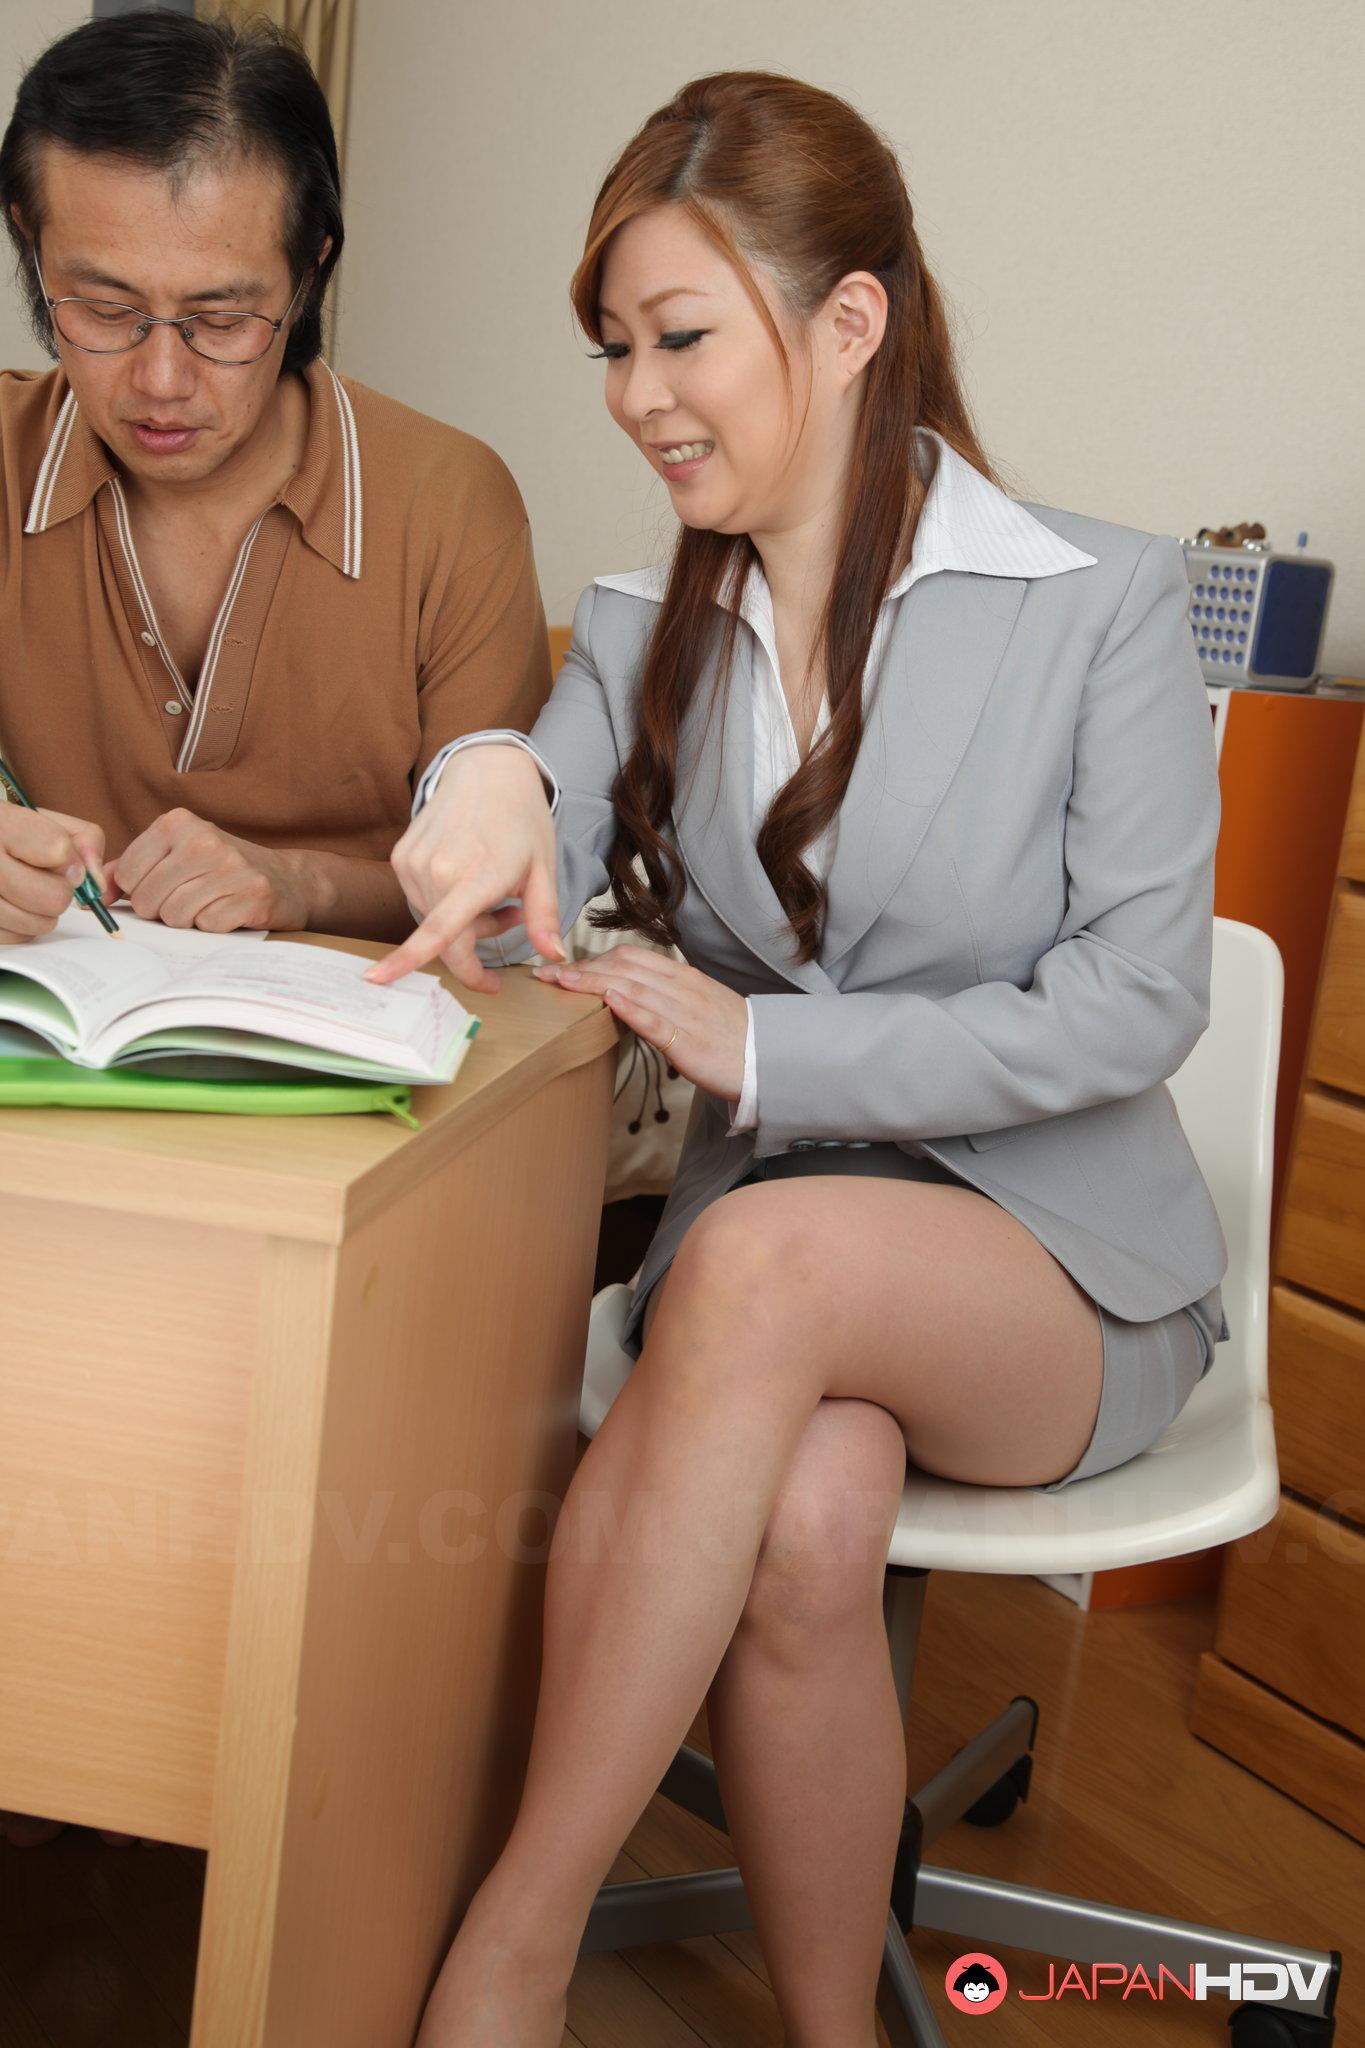 hot japan teacher naked